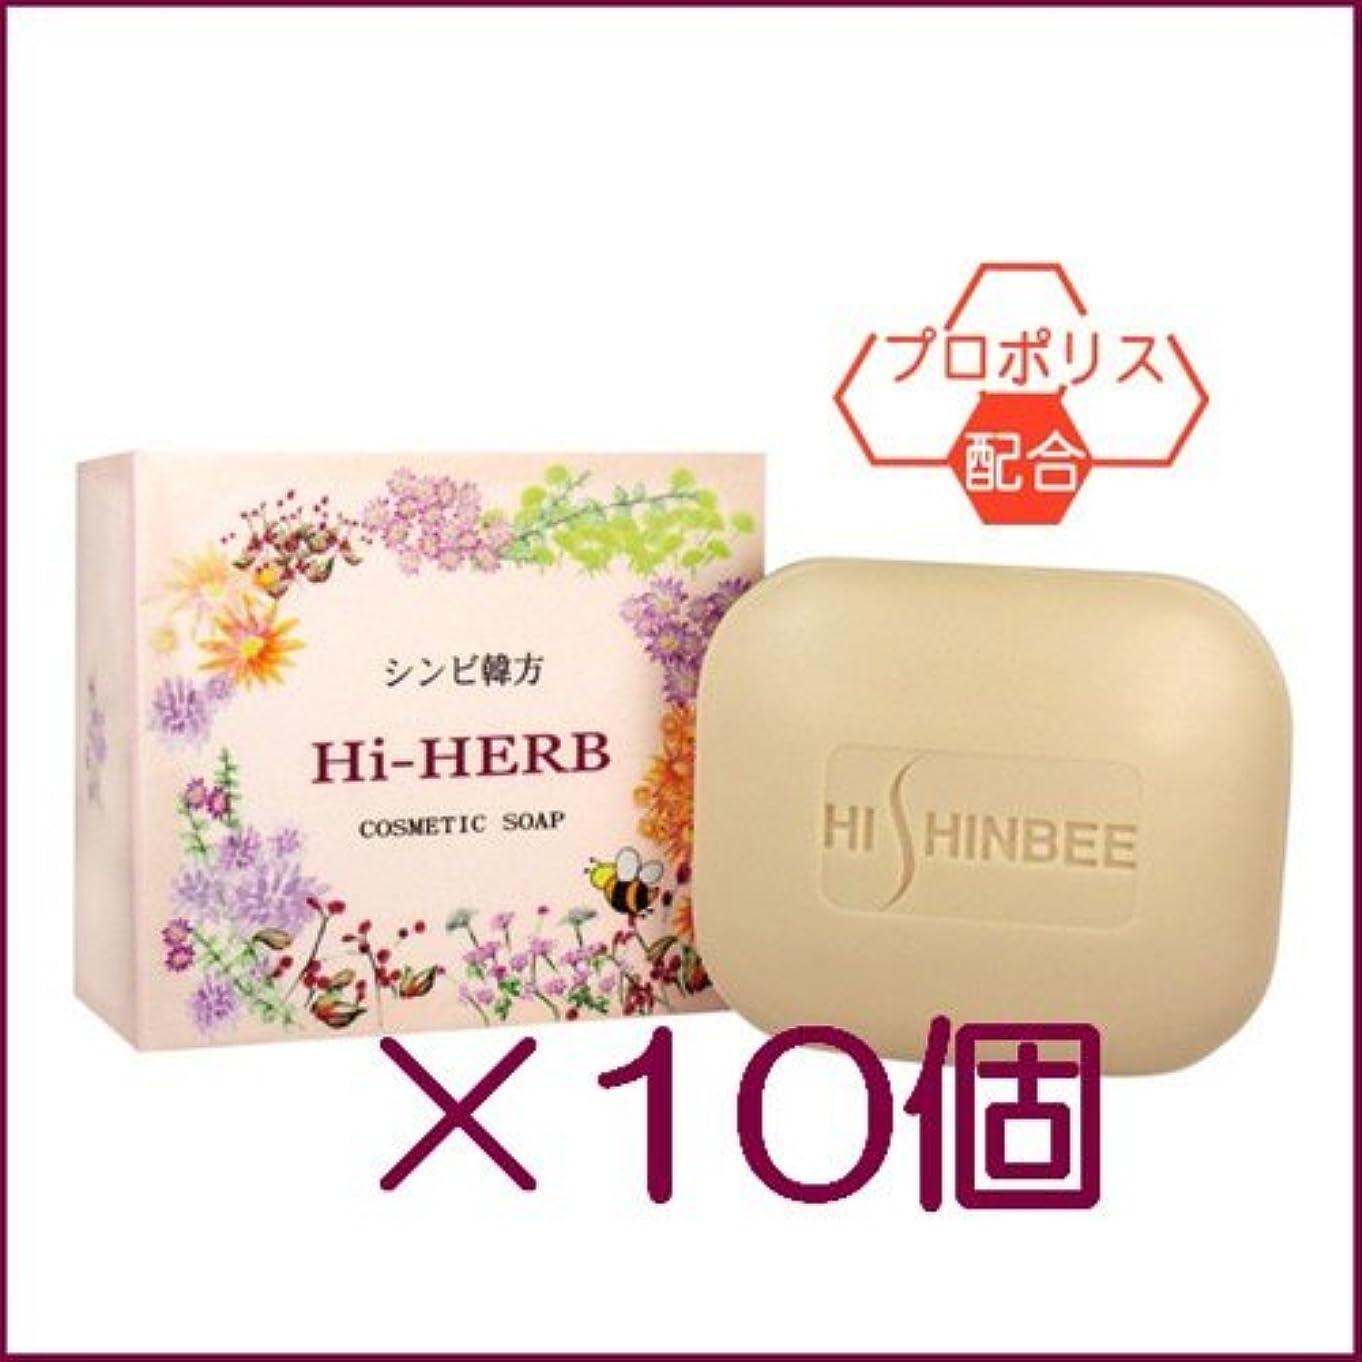 阻害する誰カテナシンビ 韓方ハイハーブ石鹸 100g ×10個